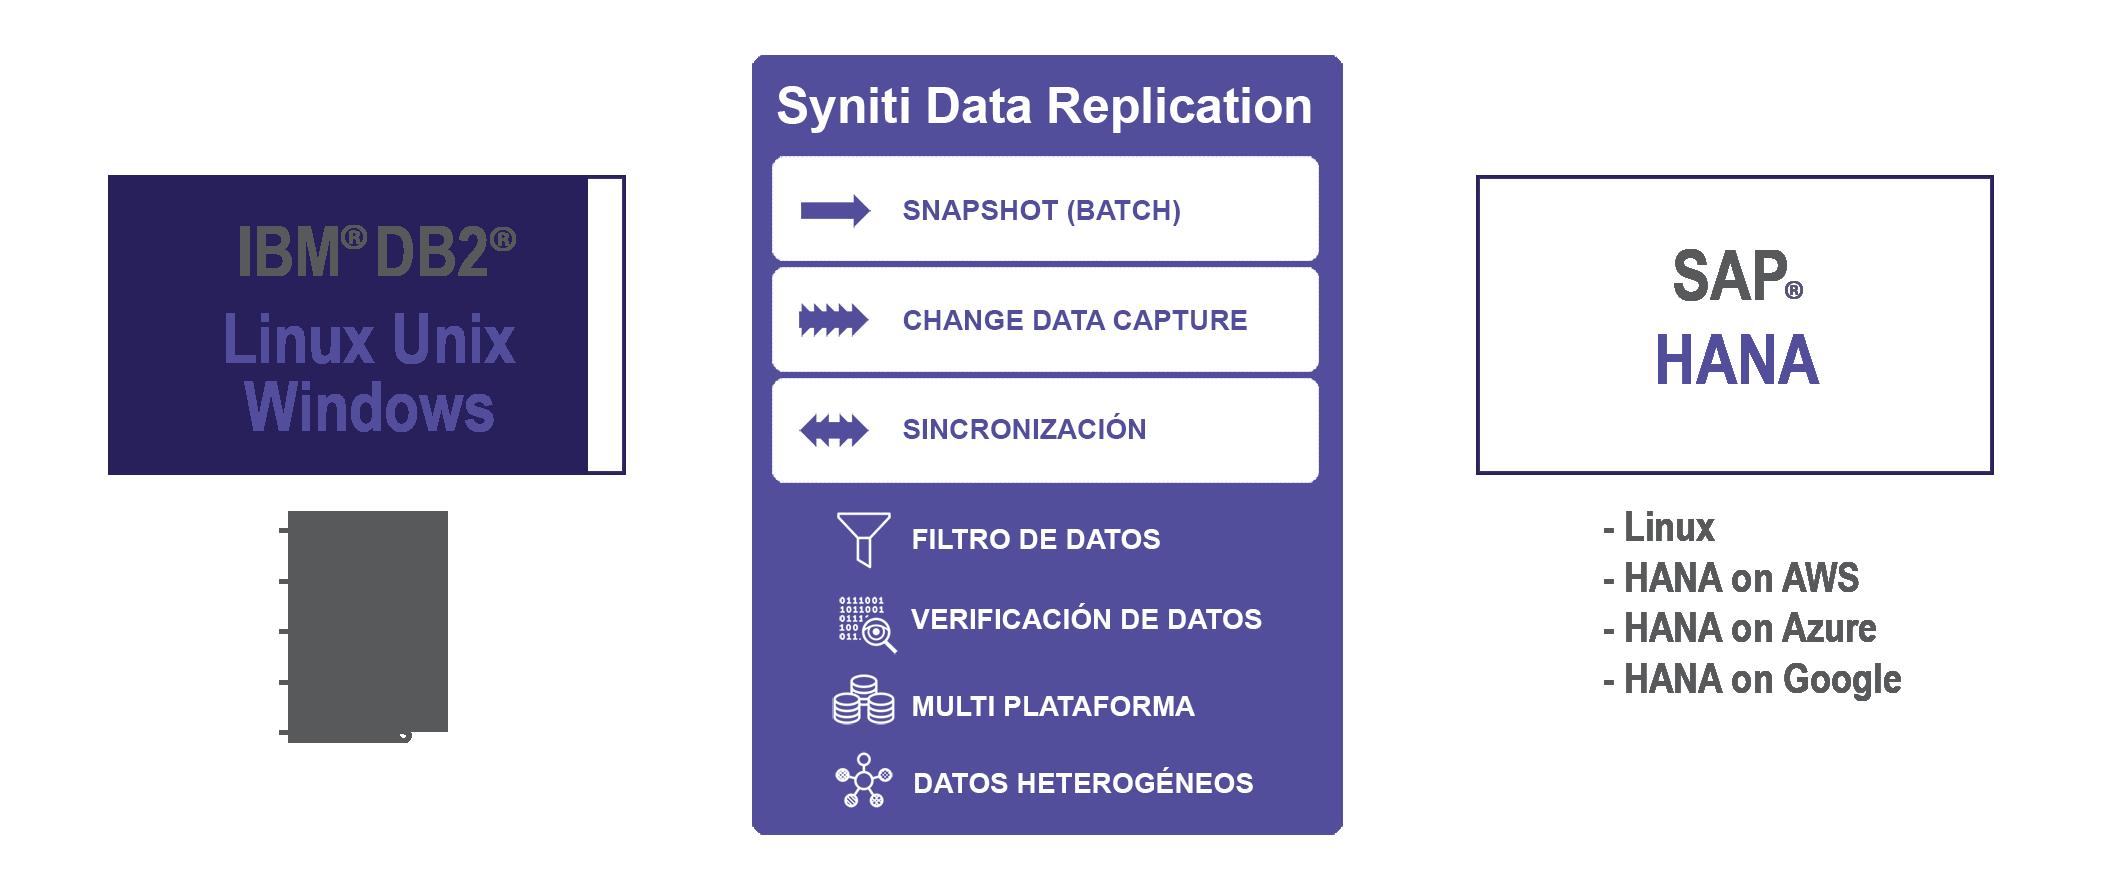 Replicación de datos DB2 LUW a SAP HANA en tiempo real